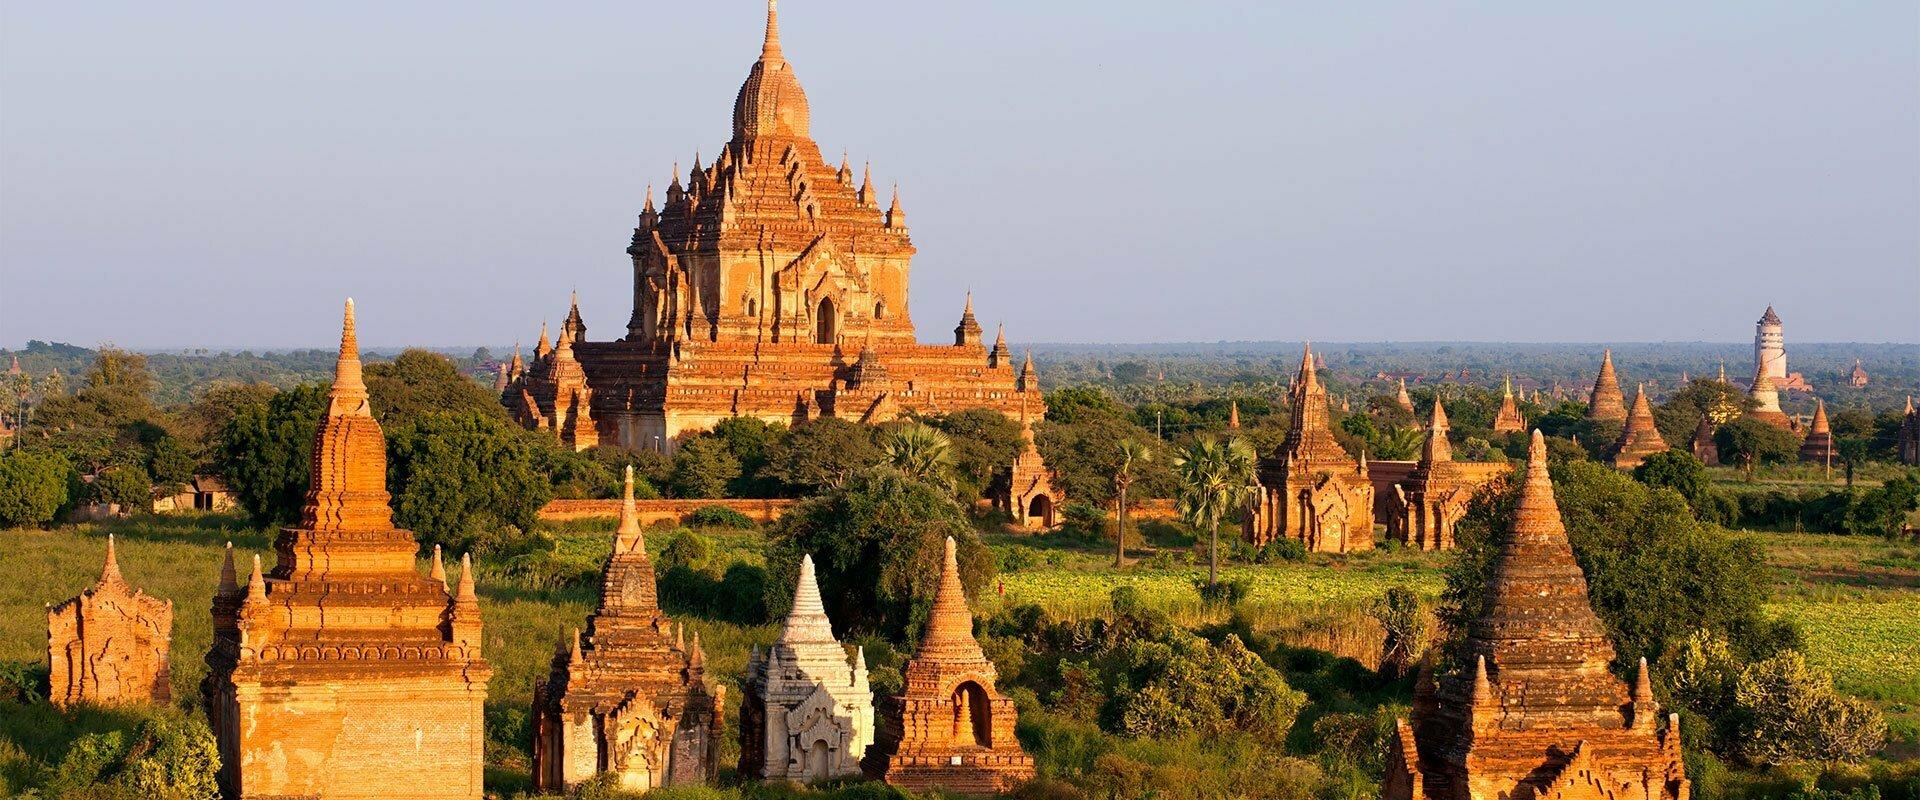 Les rayons du soleil éclairent un temple en pierre à Bagan